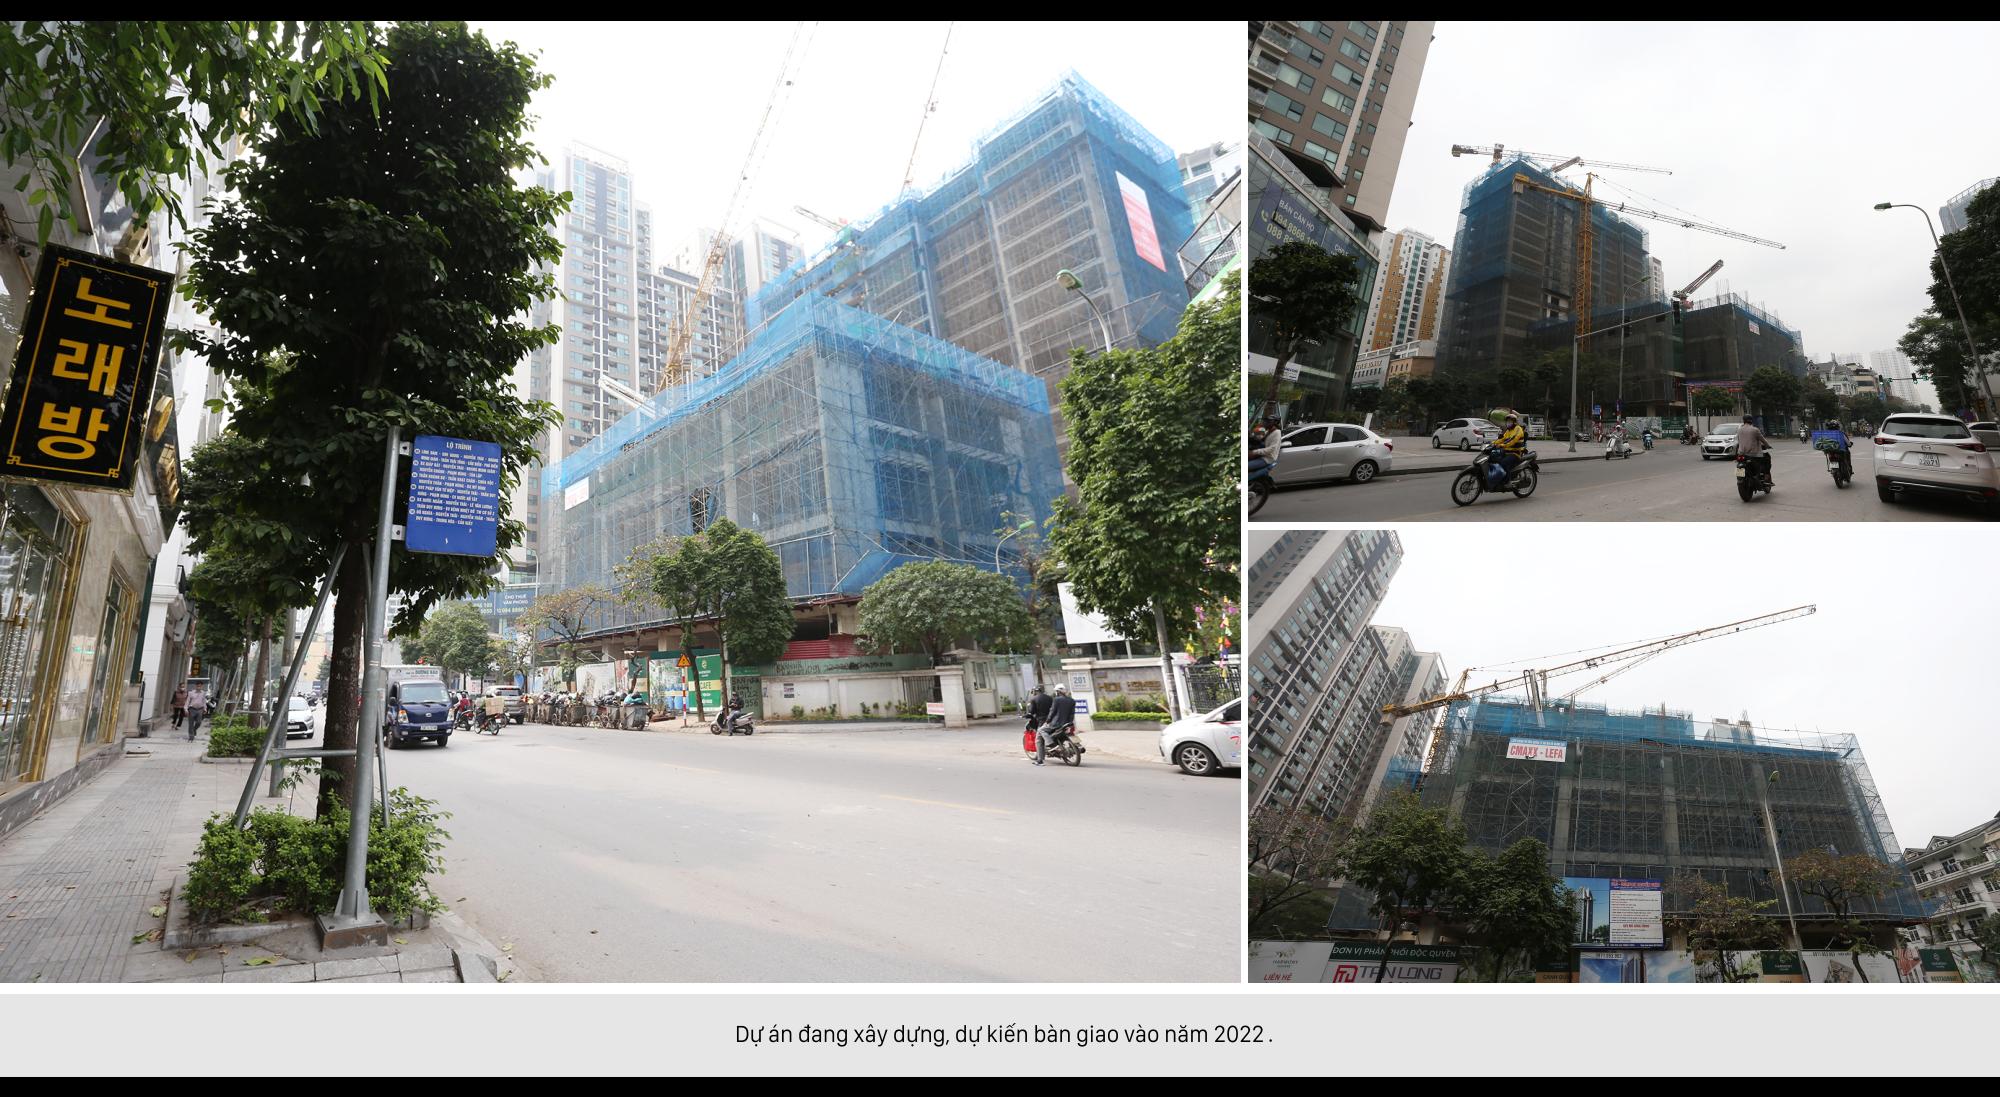 Review dự án Harmony Square đang mở bán: Có ưu điểm gì giữa khu vực dày đặc nhà cao tầng? - Ảnh 13.